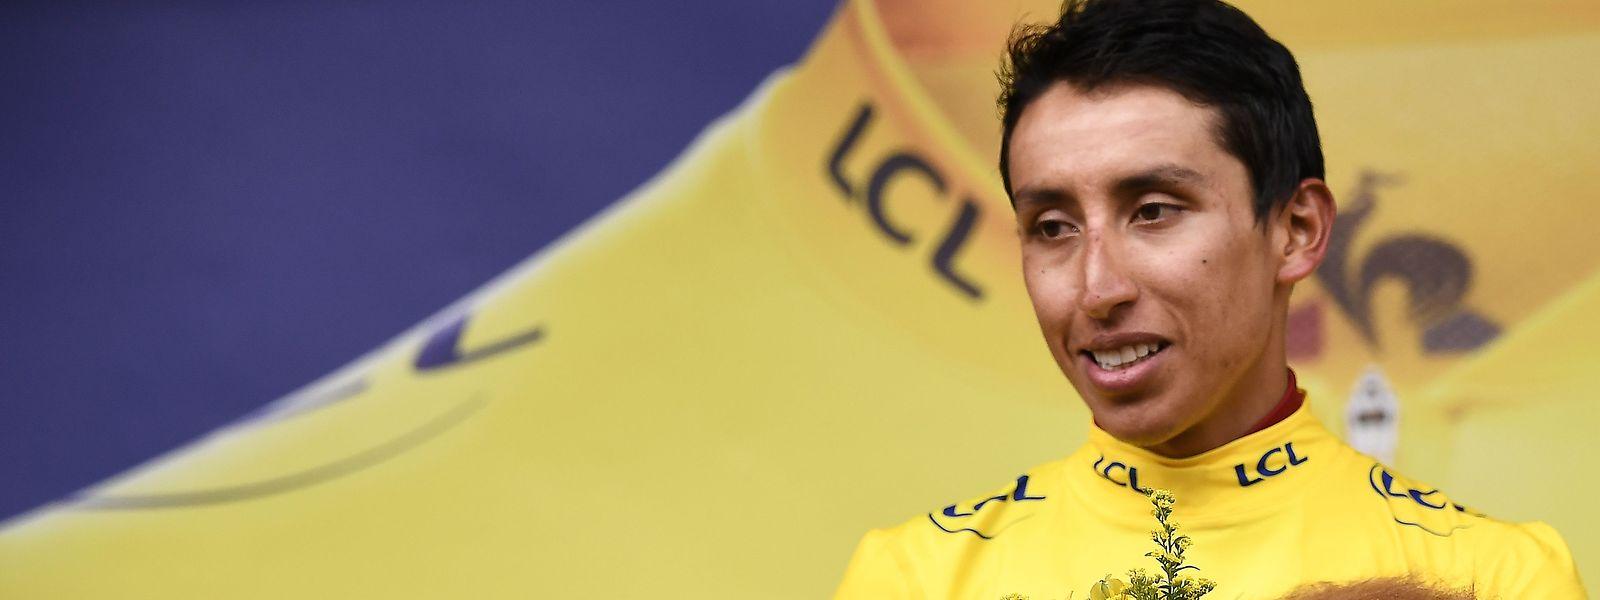 O colombiano Egan Bernal ganhou a Volta a França aos 22 anos, um dos mais jovens vencedores de sempre da mais importante prova velocipédica do mundo.